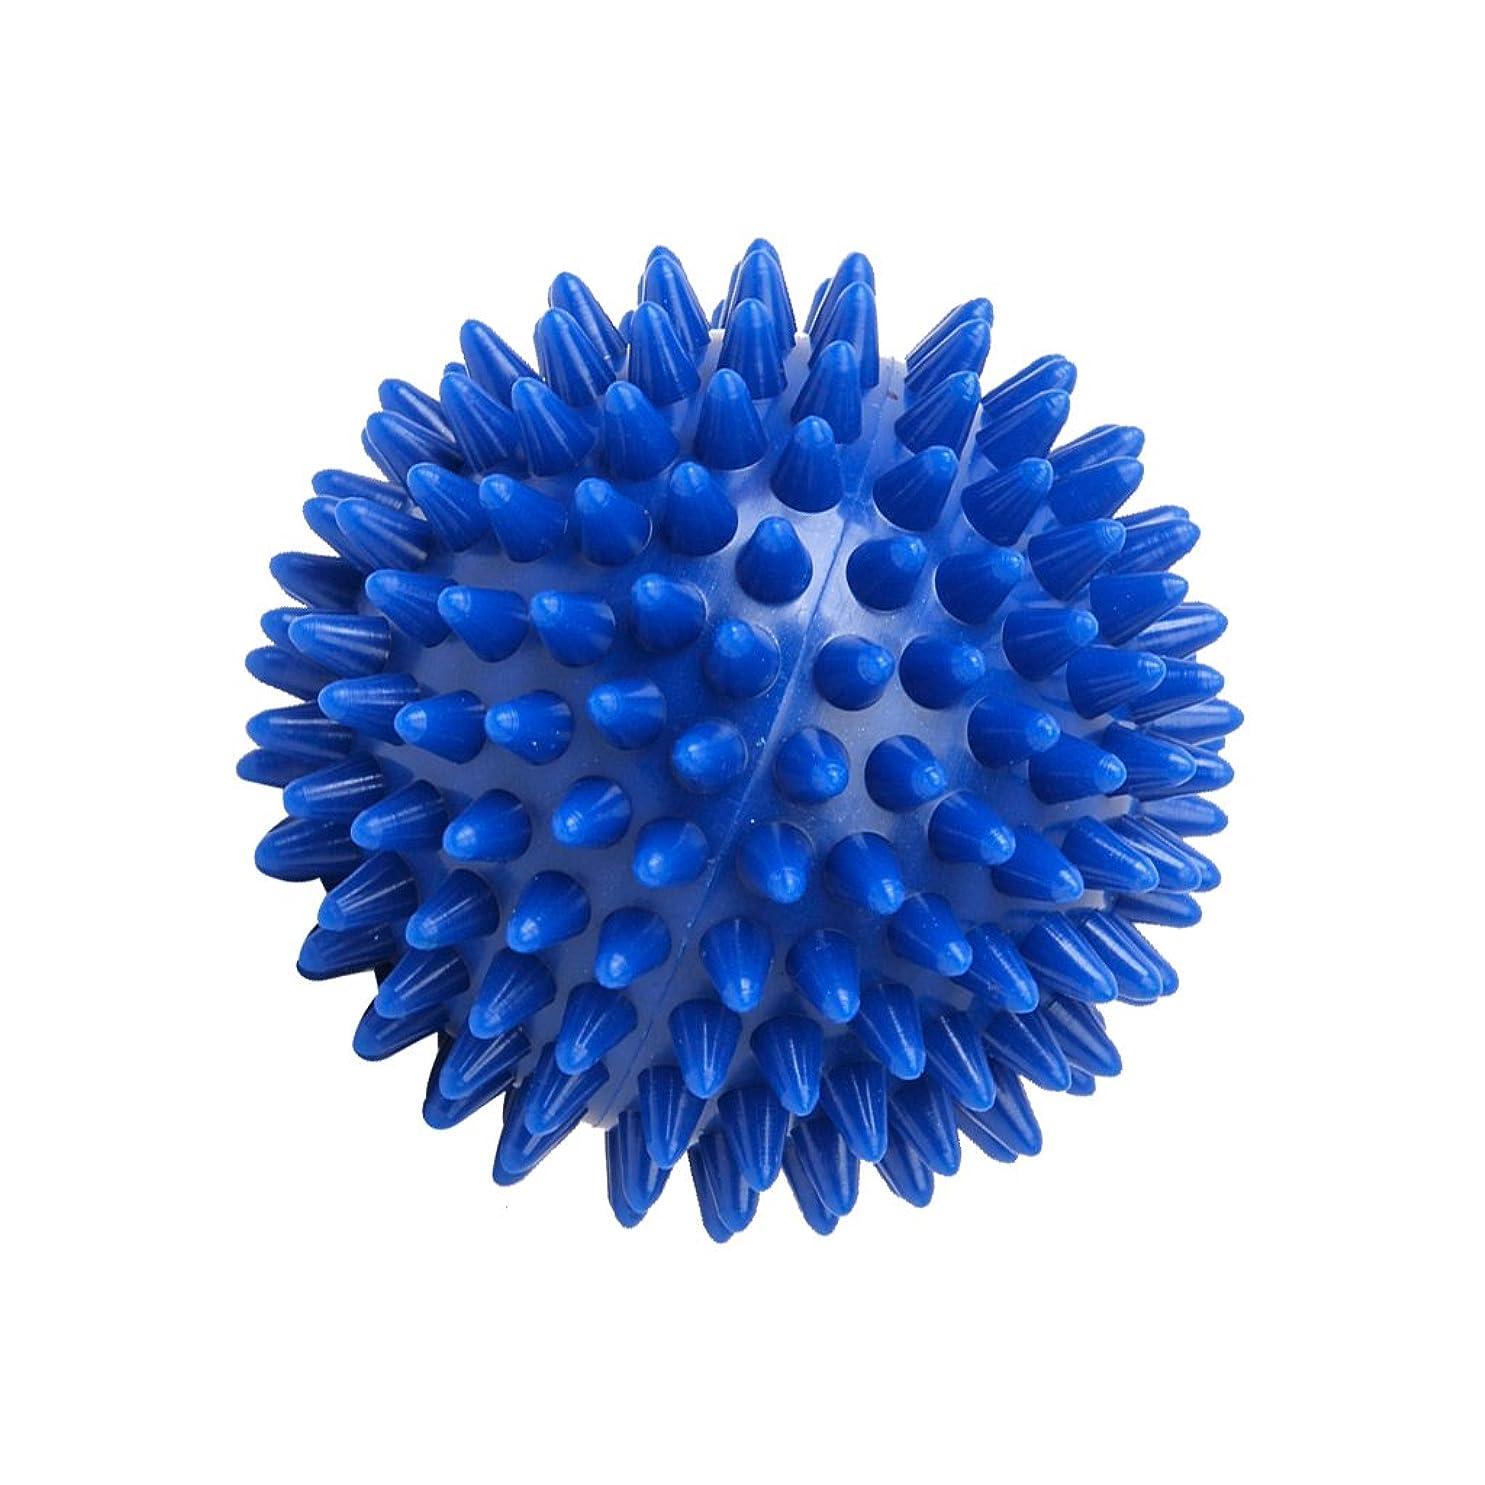 批判的にセンサー評論家マッサージボール フック側マッサージボール 足用マッサージボール 腕 背中 全3サイズ - 7cm